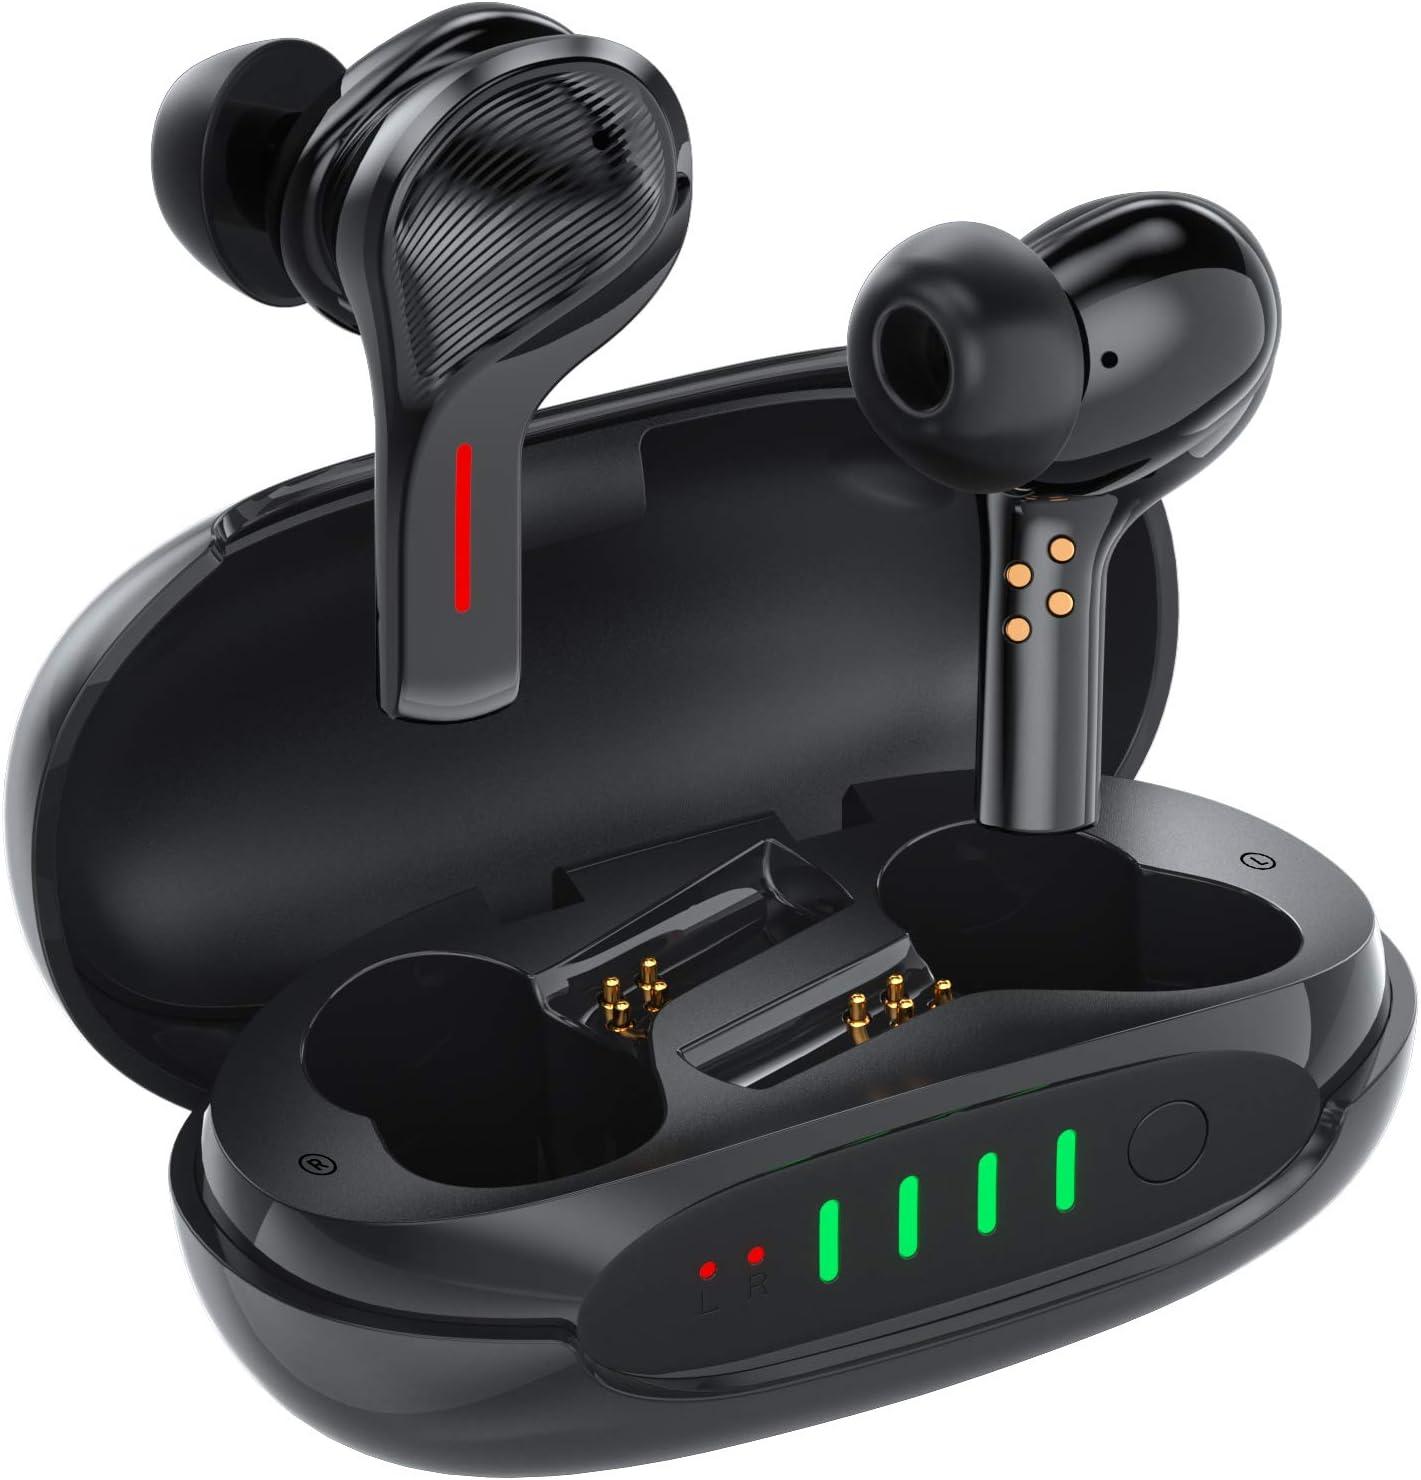 Auriculares Bluetooth inalámbricos Aikela con cancelación de ruido por sólo 19,99€ usando el #código: X2KEO6G3